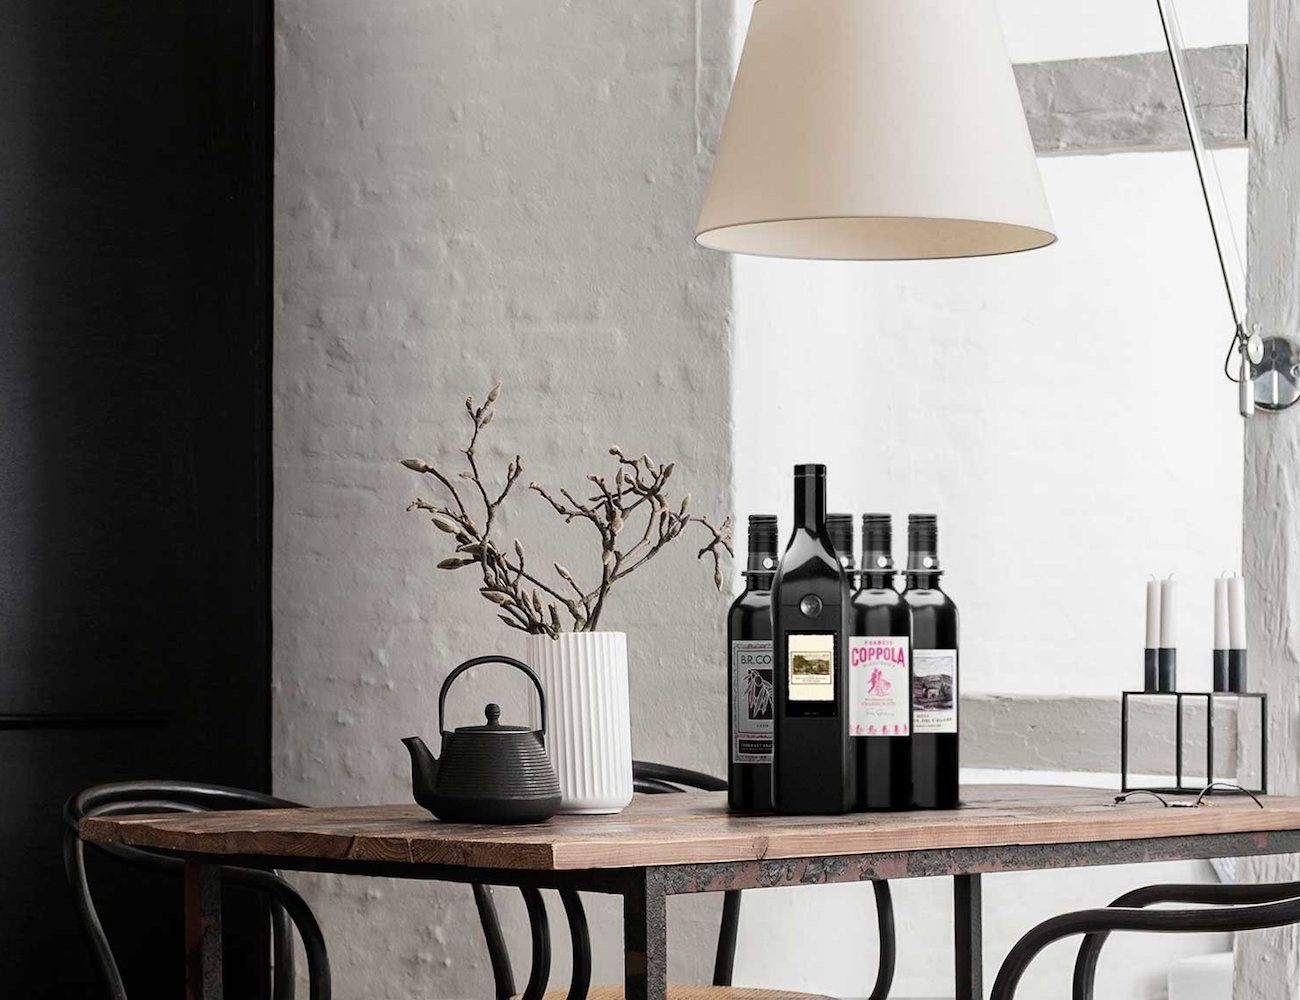 Kuvée Smart Wine System